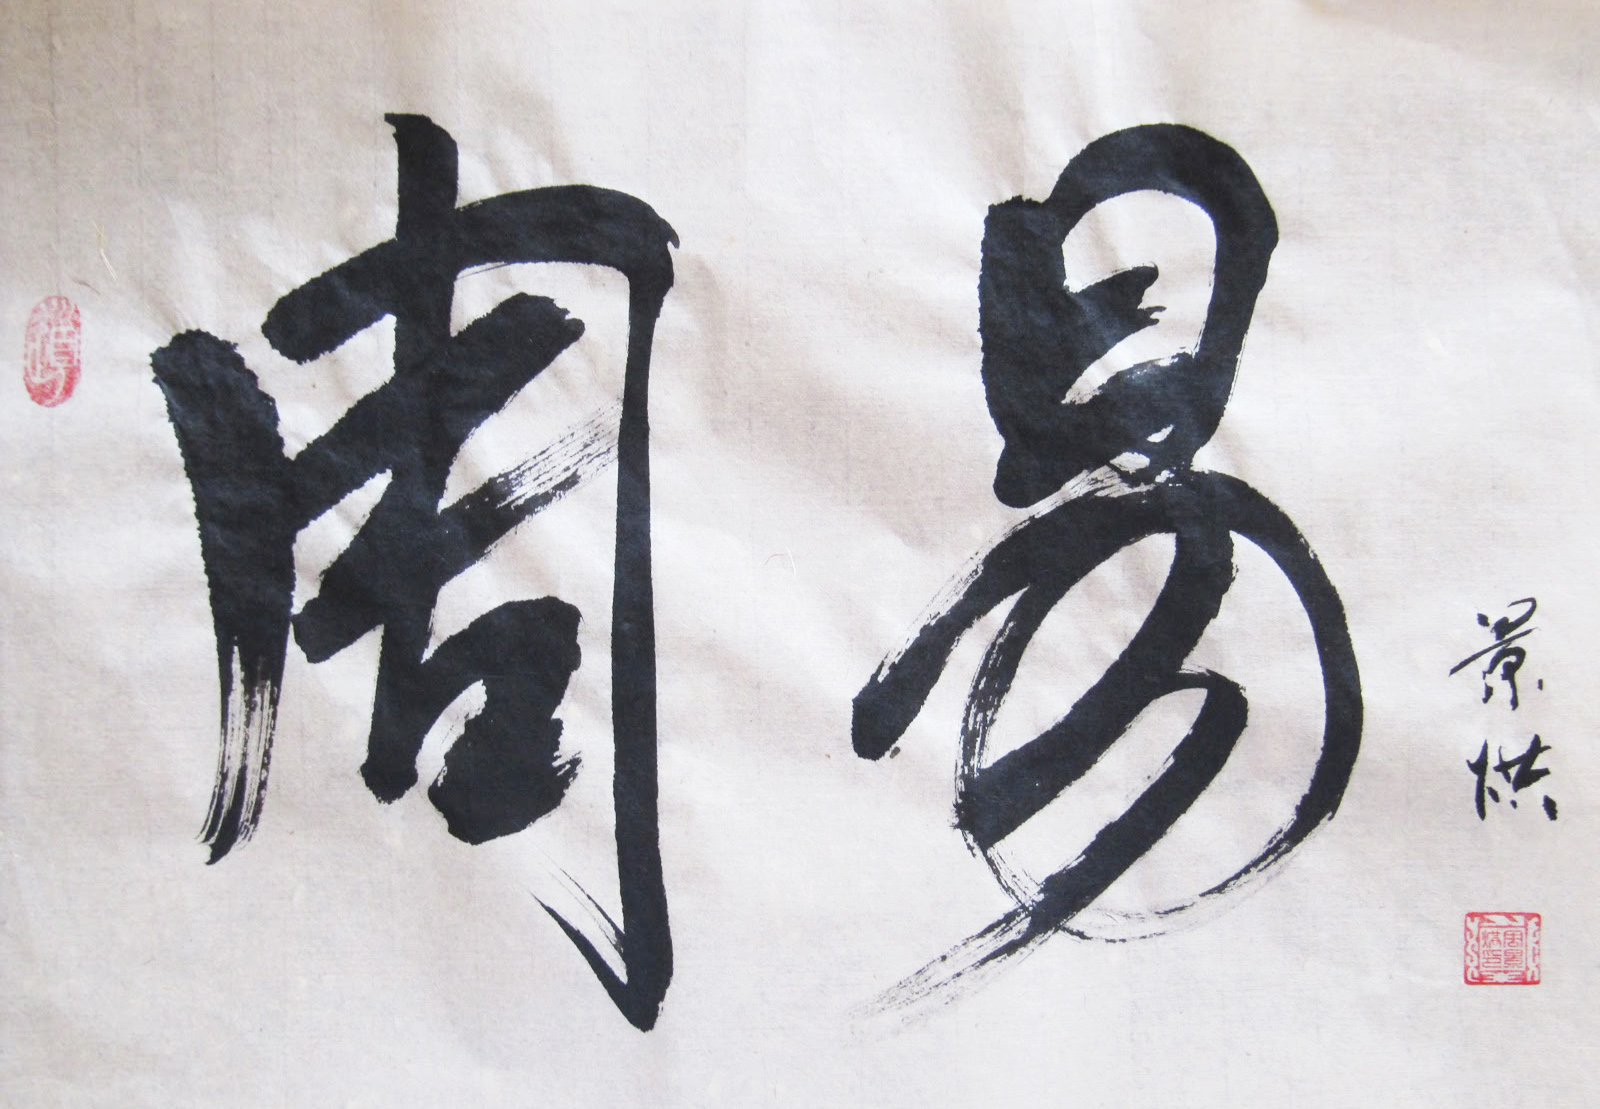 Calligraphie de Zhou Jing Hong